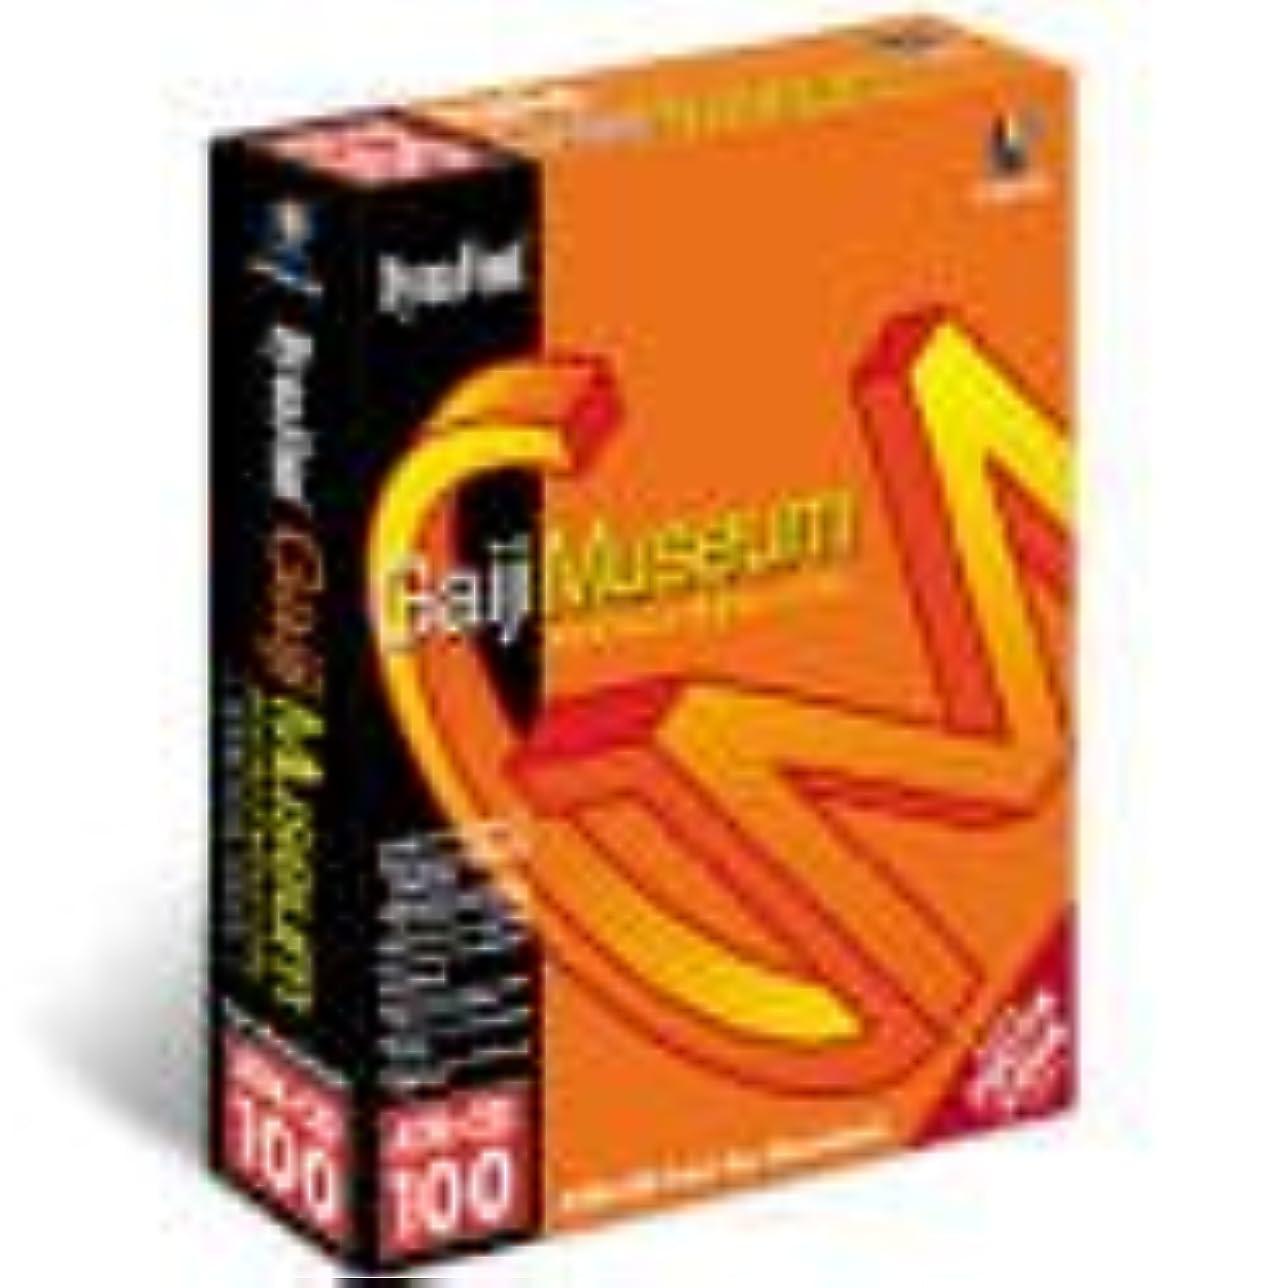 どういたしまして自治誤DynaFont Gaiji Museum ATM-CID 100 for Macintosh